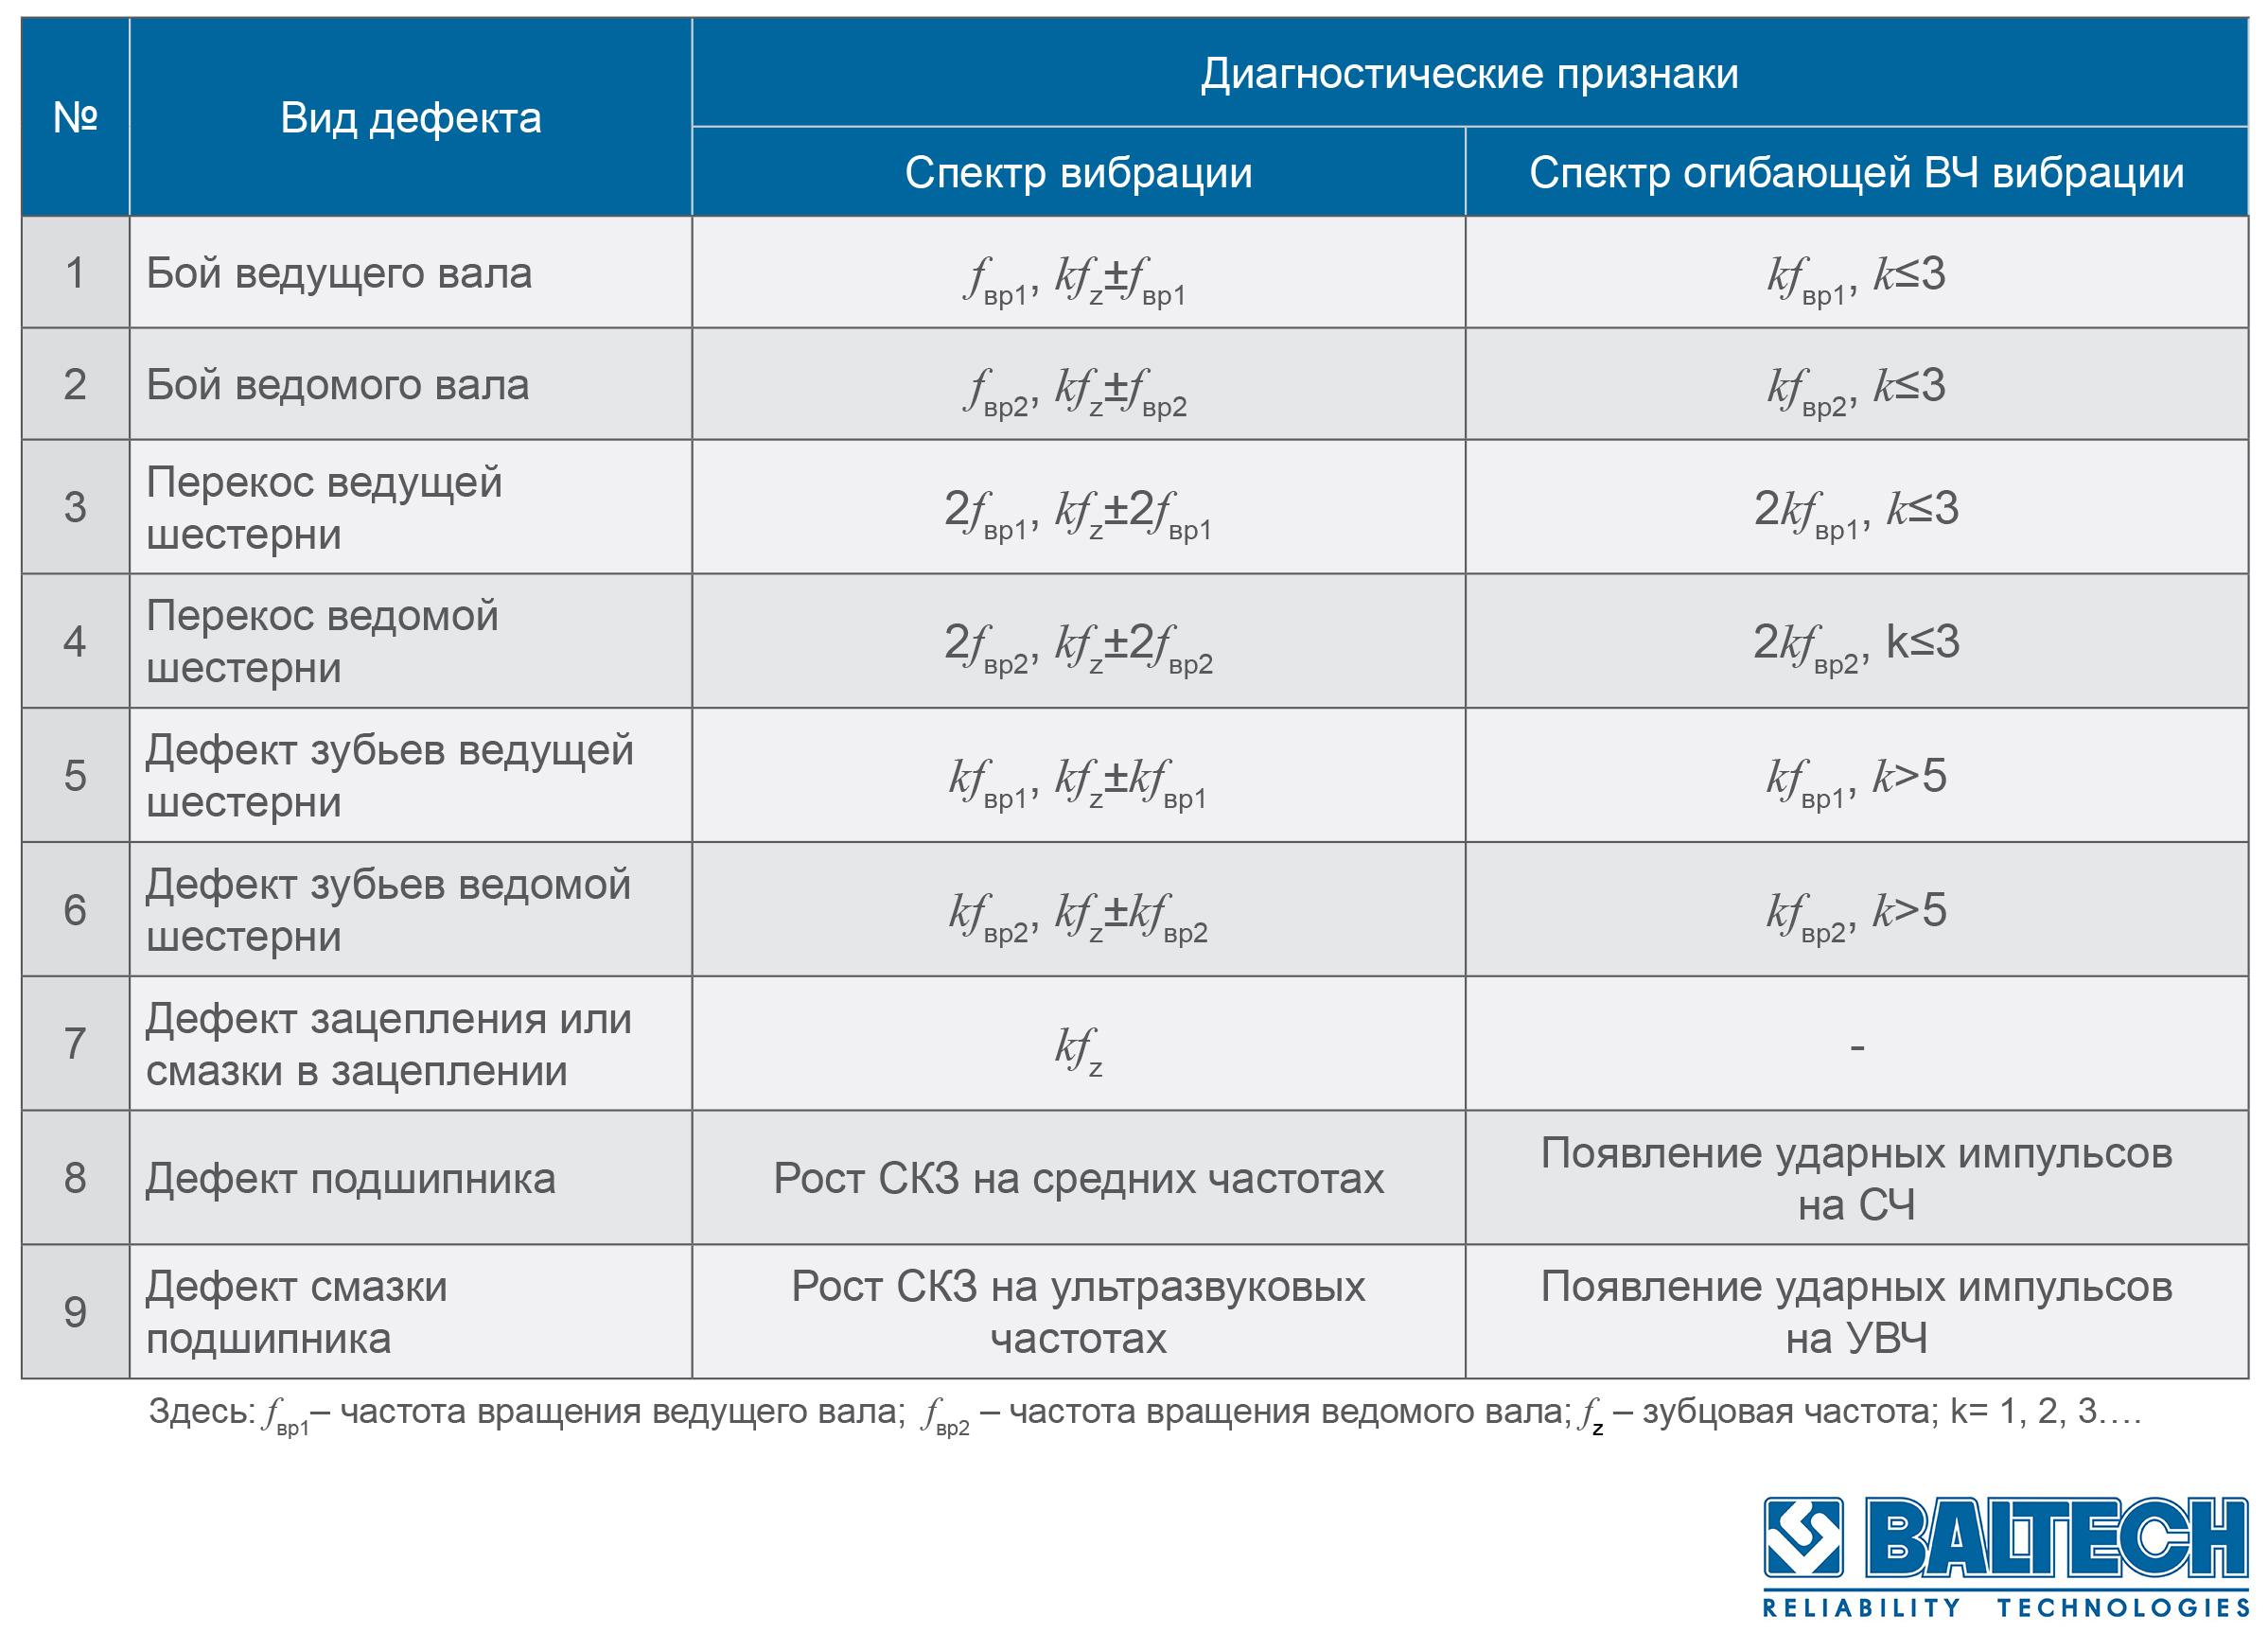 Диагностические признаки дефектов редуктора, диагностика редукторов